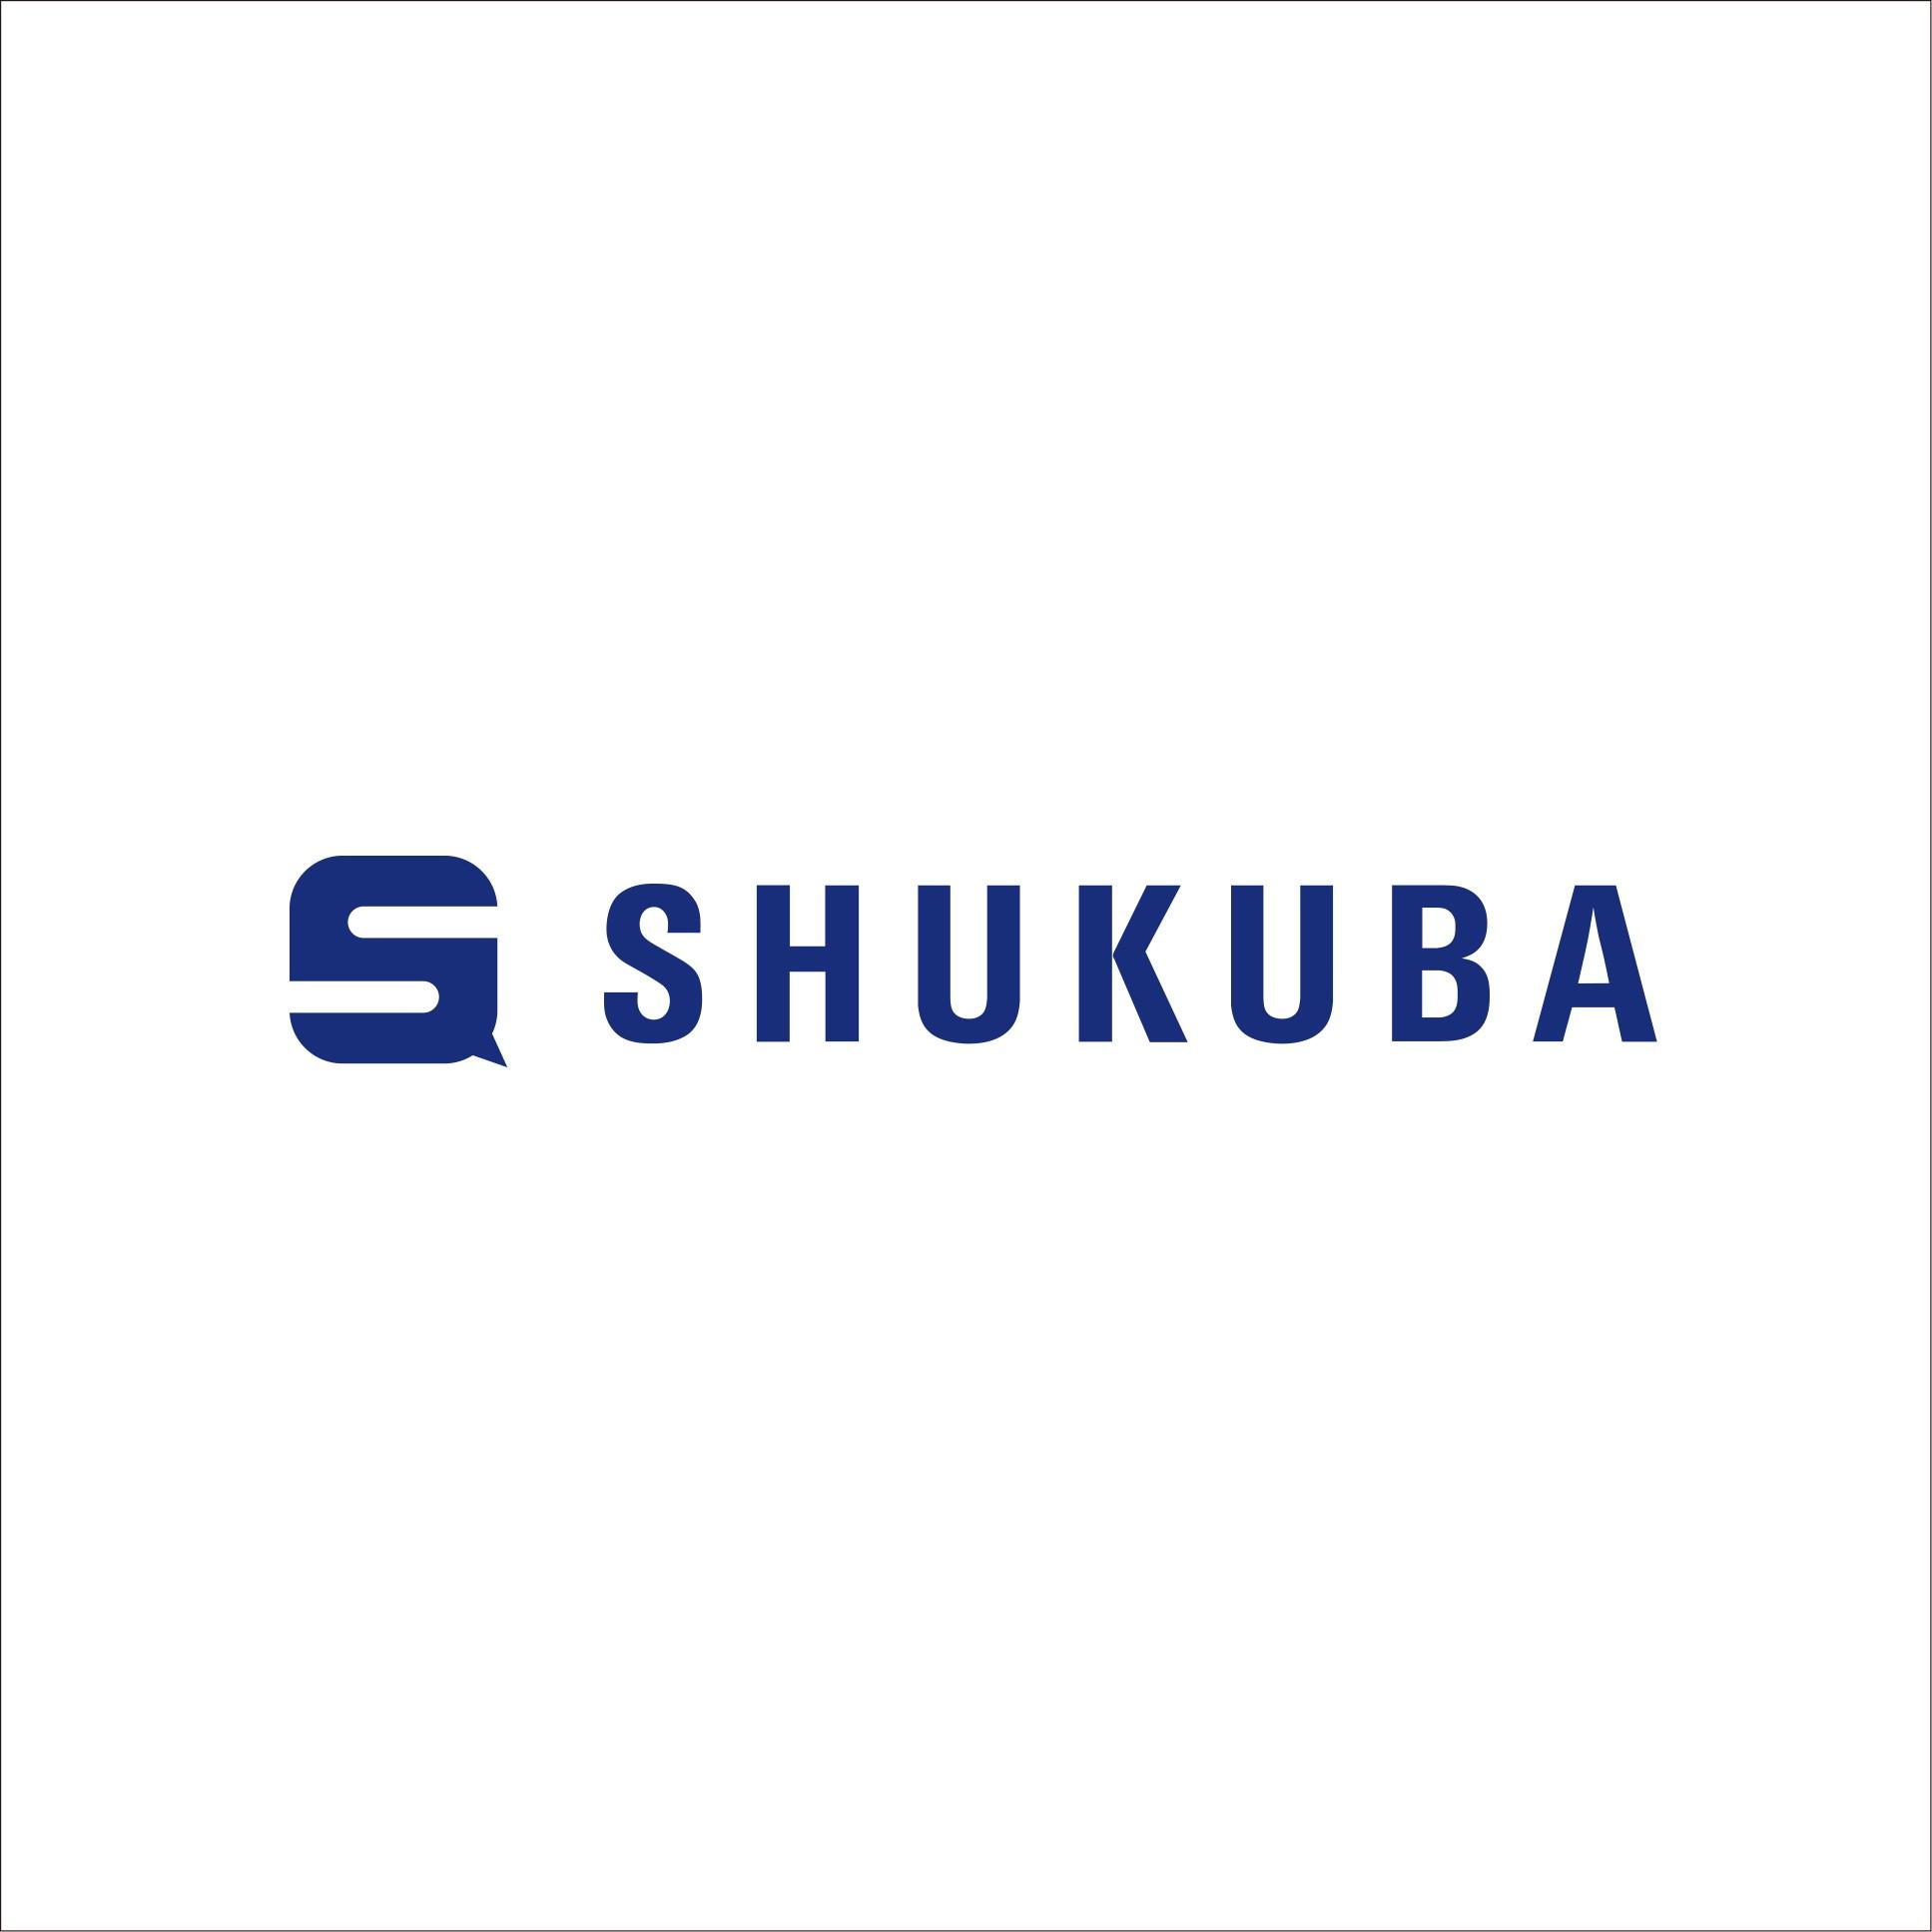 ホテル検索アプリSHUKUBAのロゴデザイン